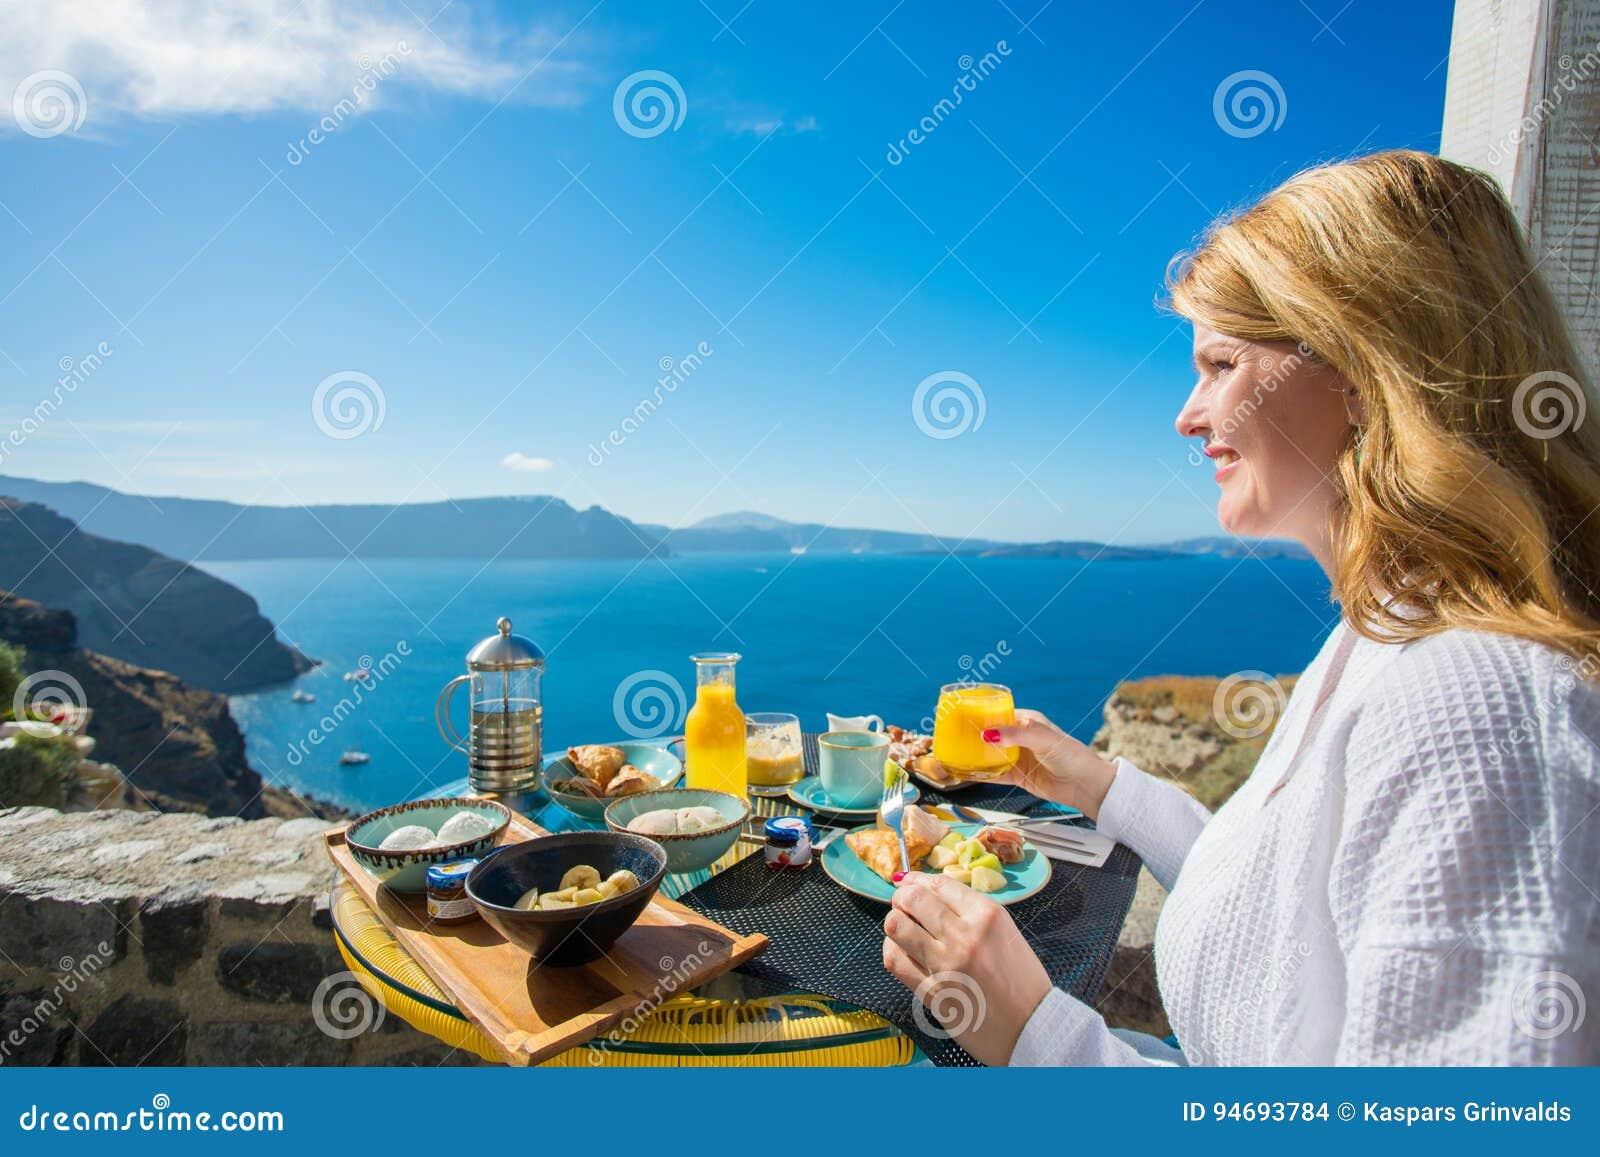 Kobieta ma wyśmienicie śniadanie w luksusowym kurorcie w Śródziemnomorskim